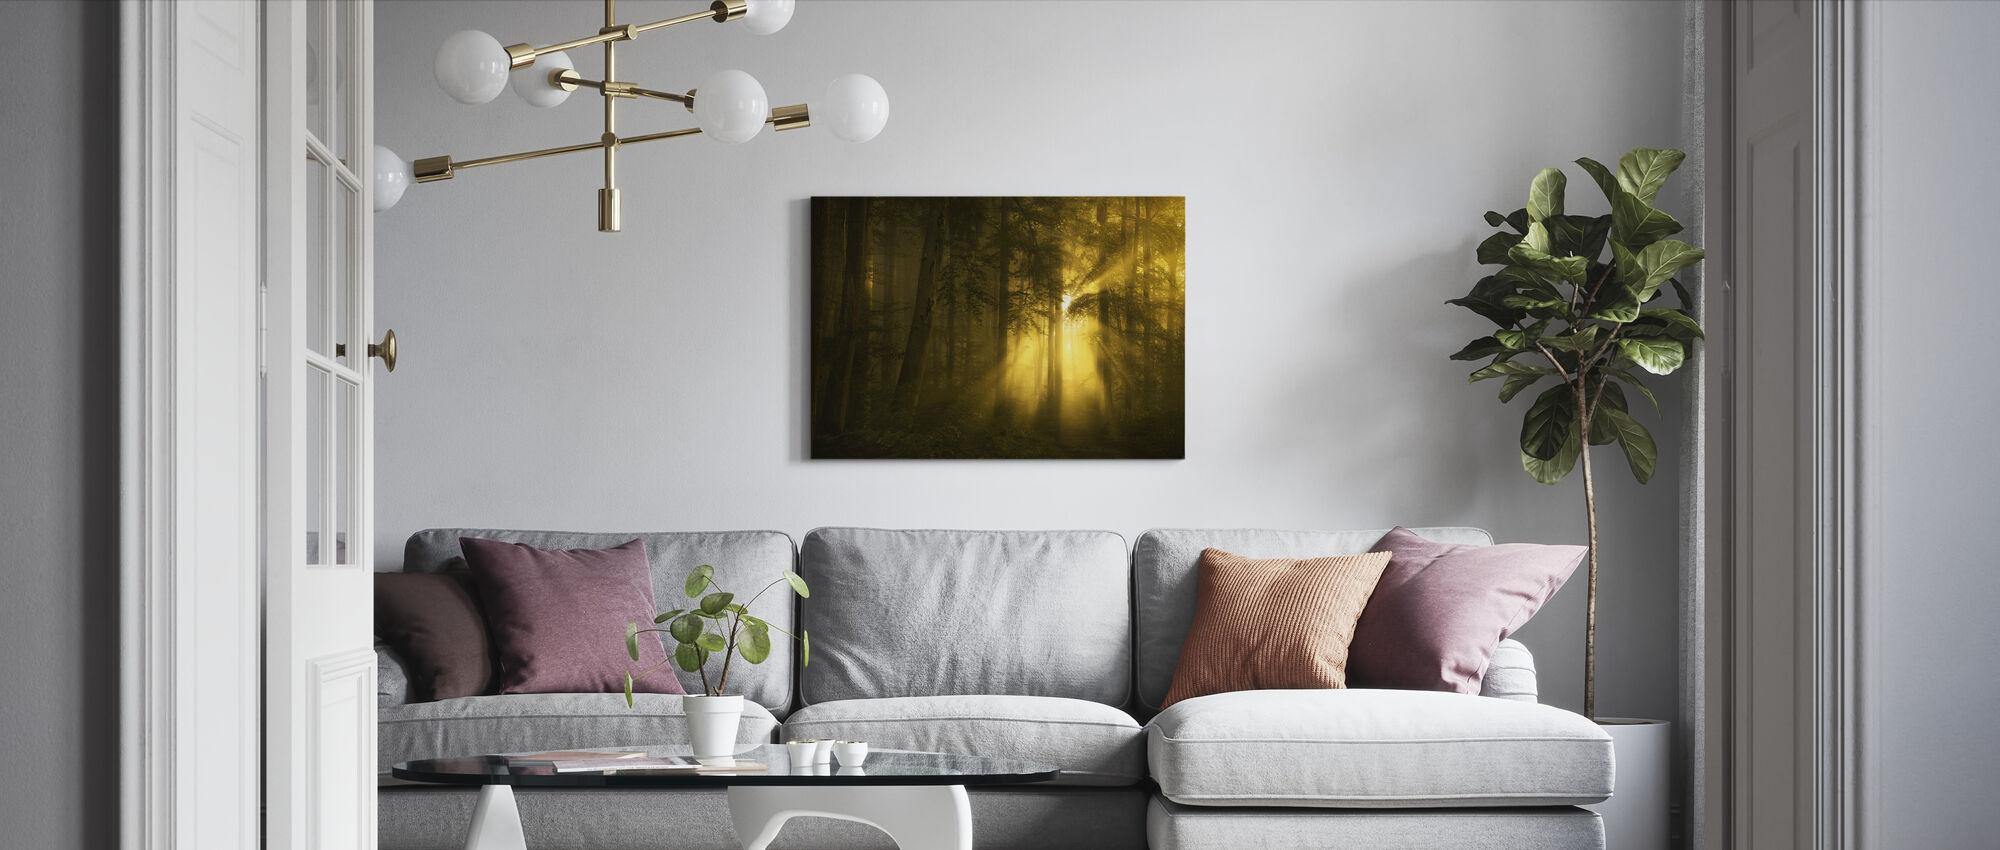 Keltainen metsä - Canvastaulu - Olohuone